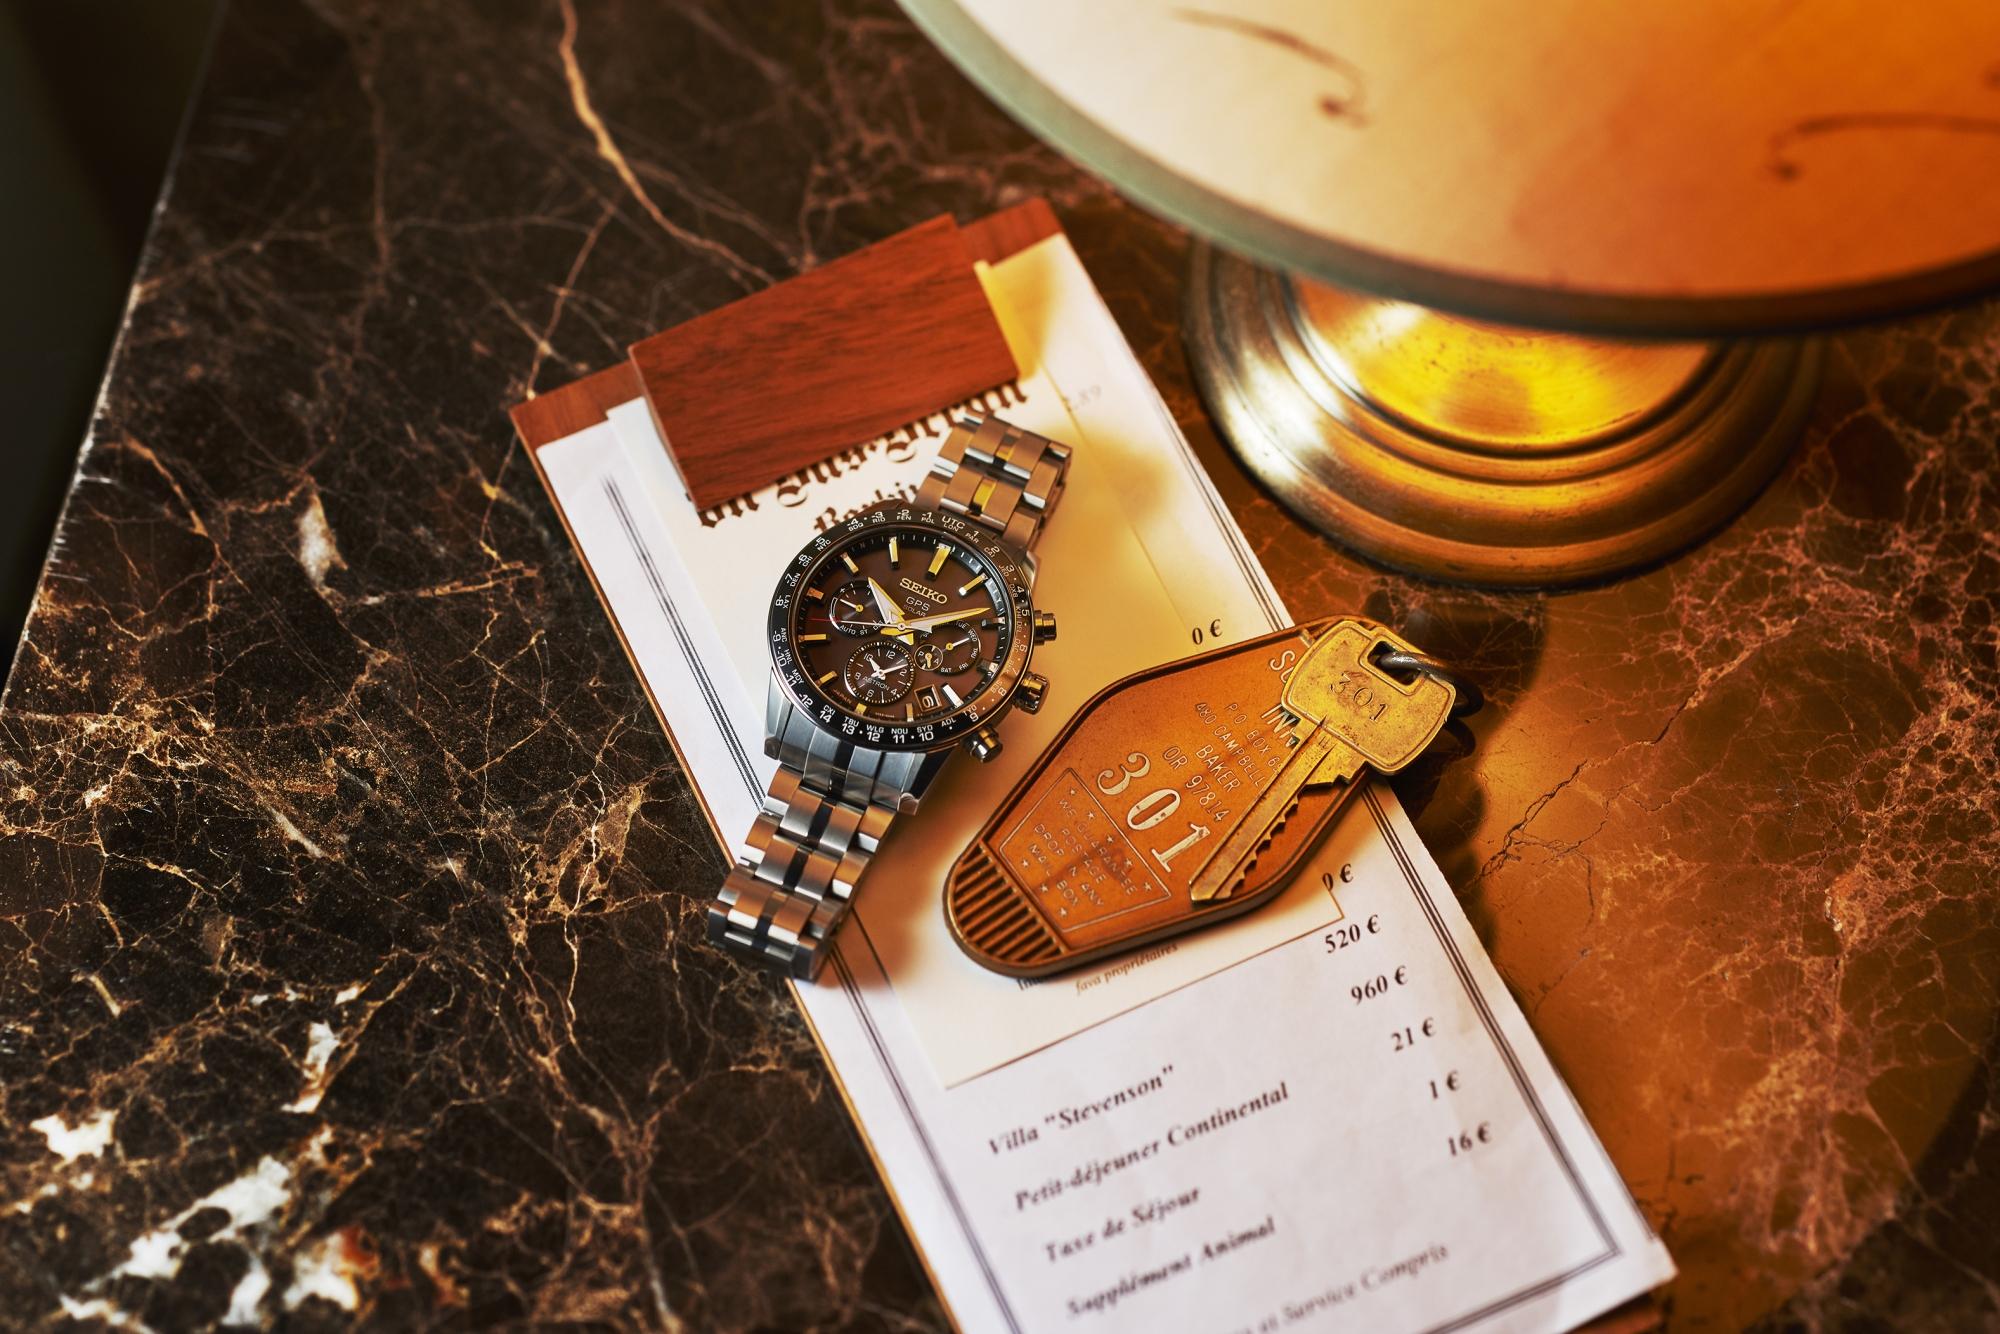 SEIKO 台灣精工 5X53 雙時區 鈦金屬錶款 SSH003J1